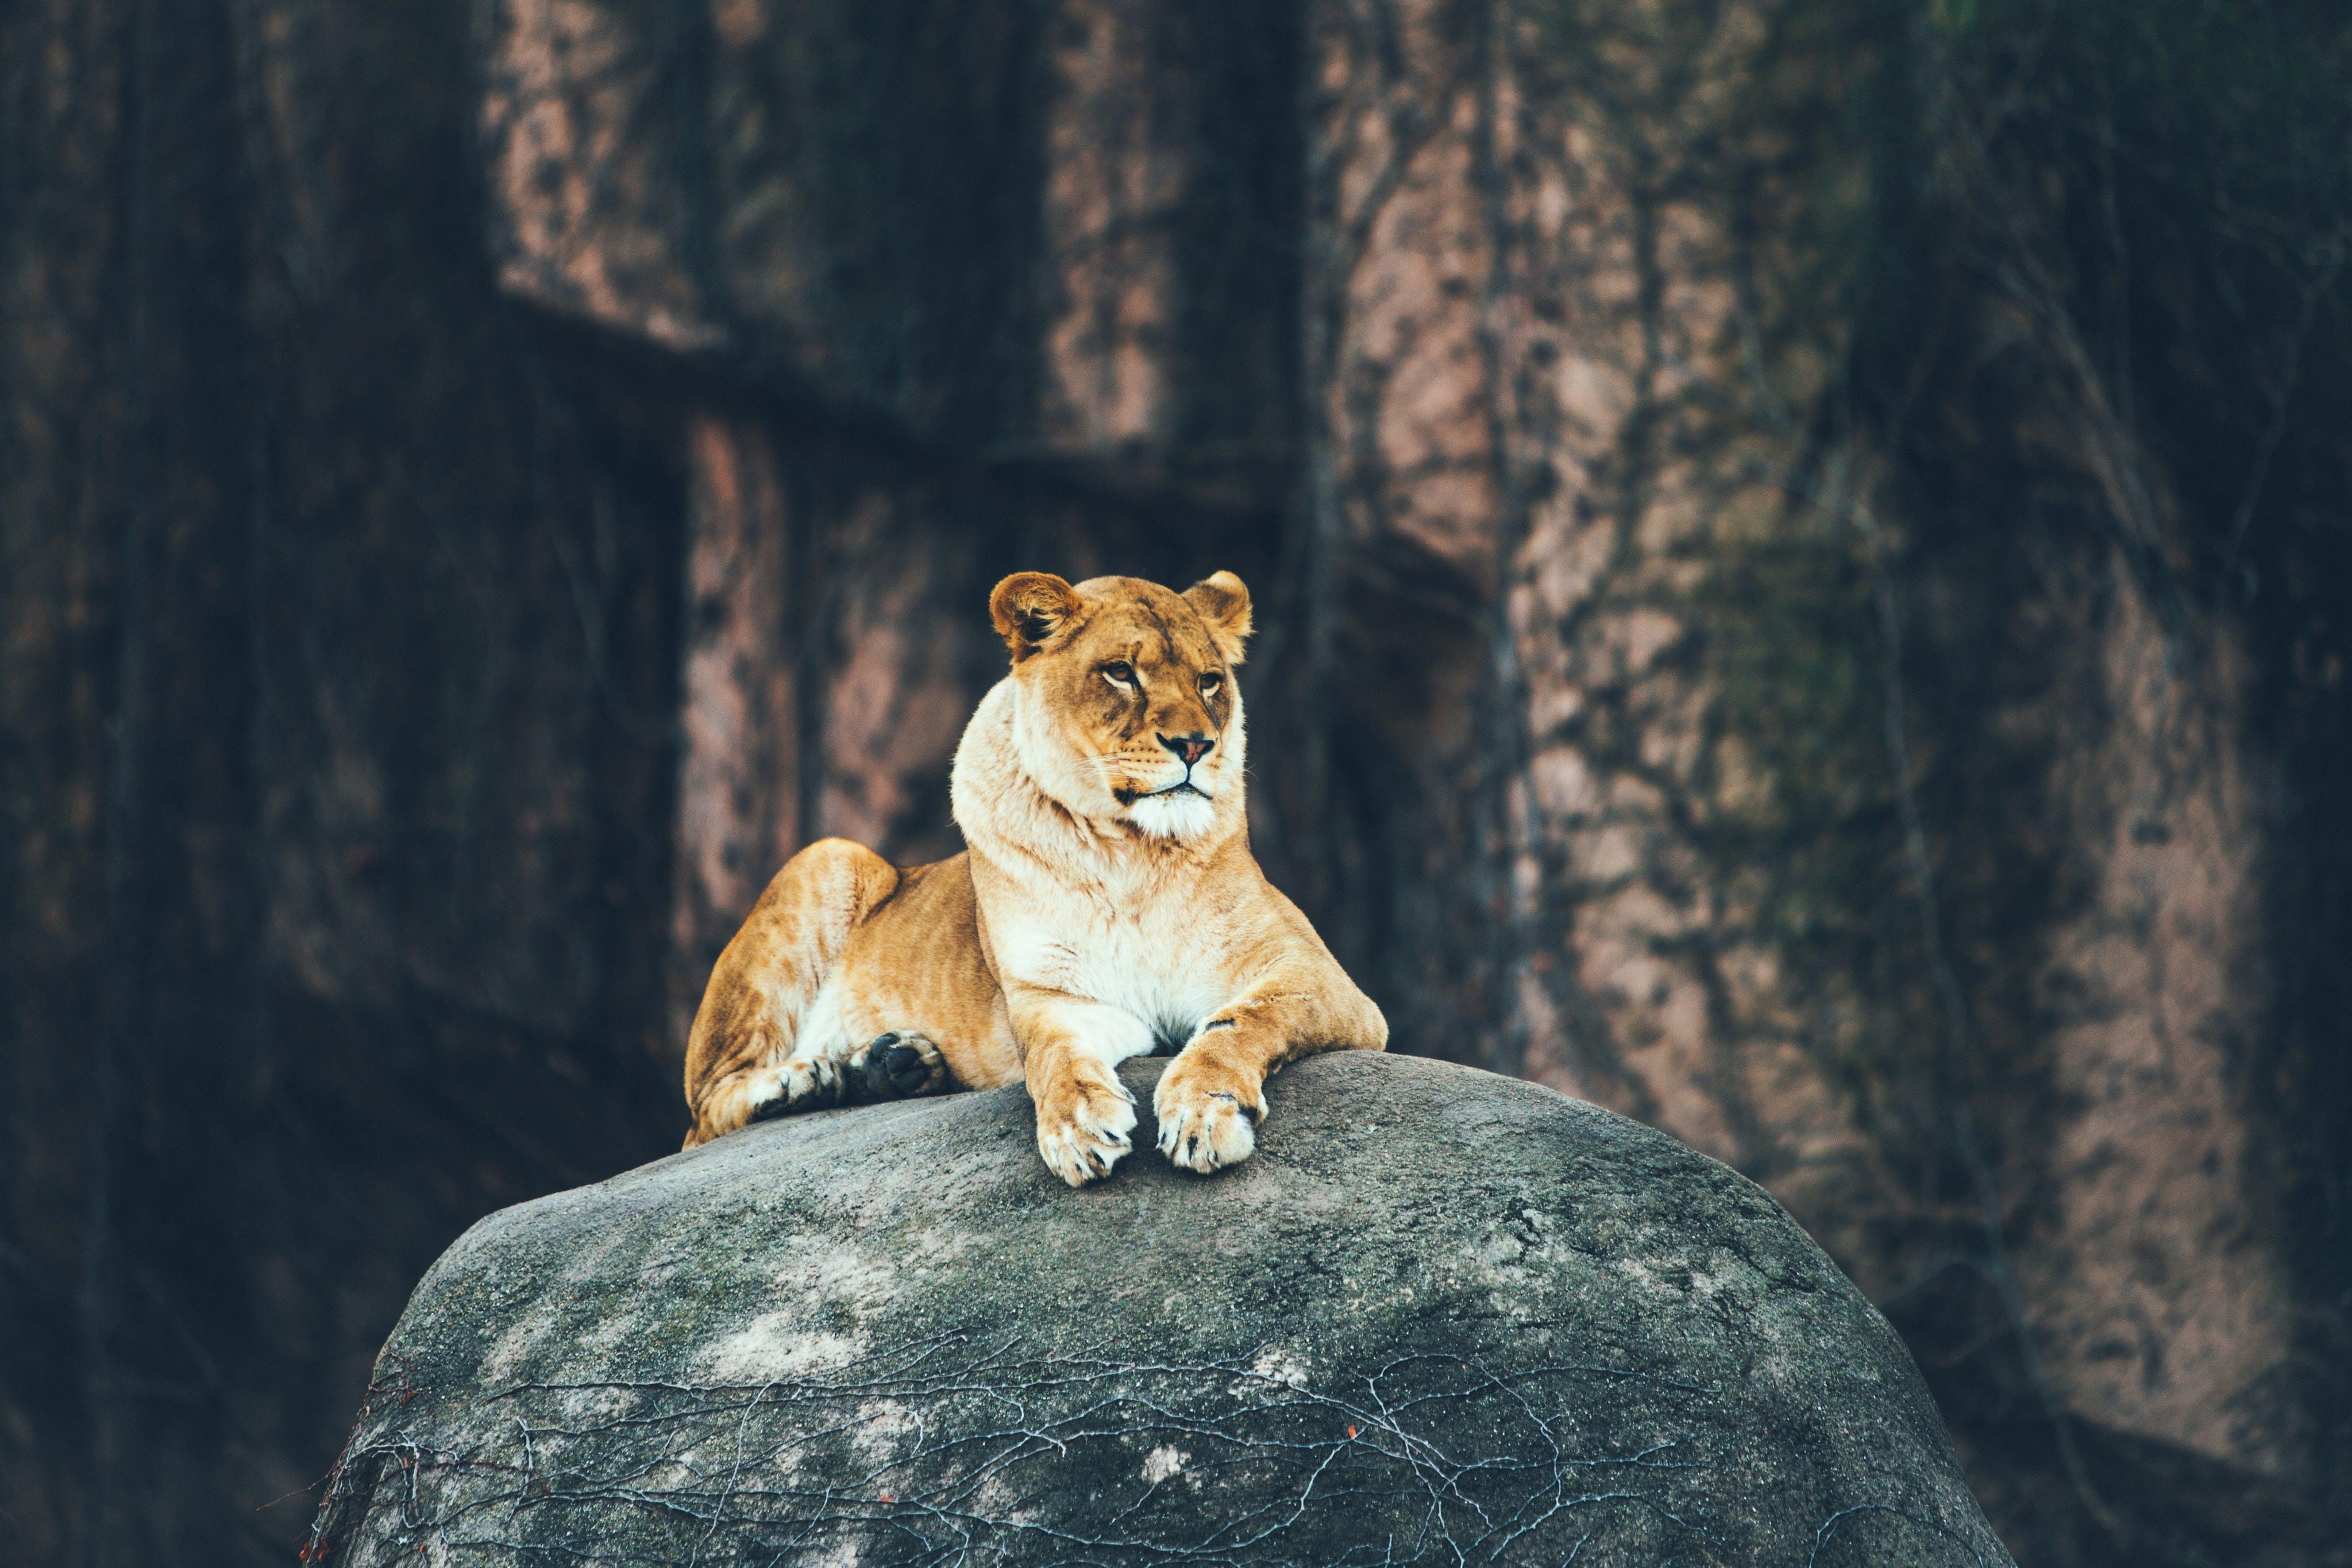 Lioness watches over her pride in a safari preserve.